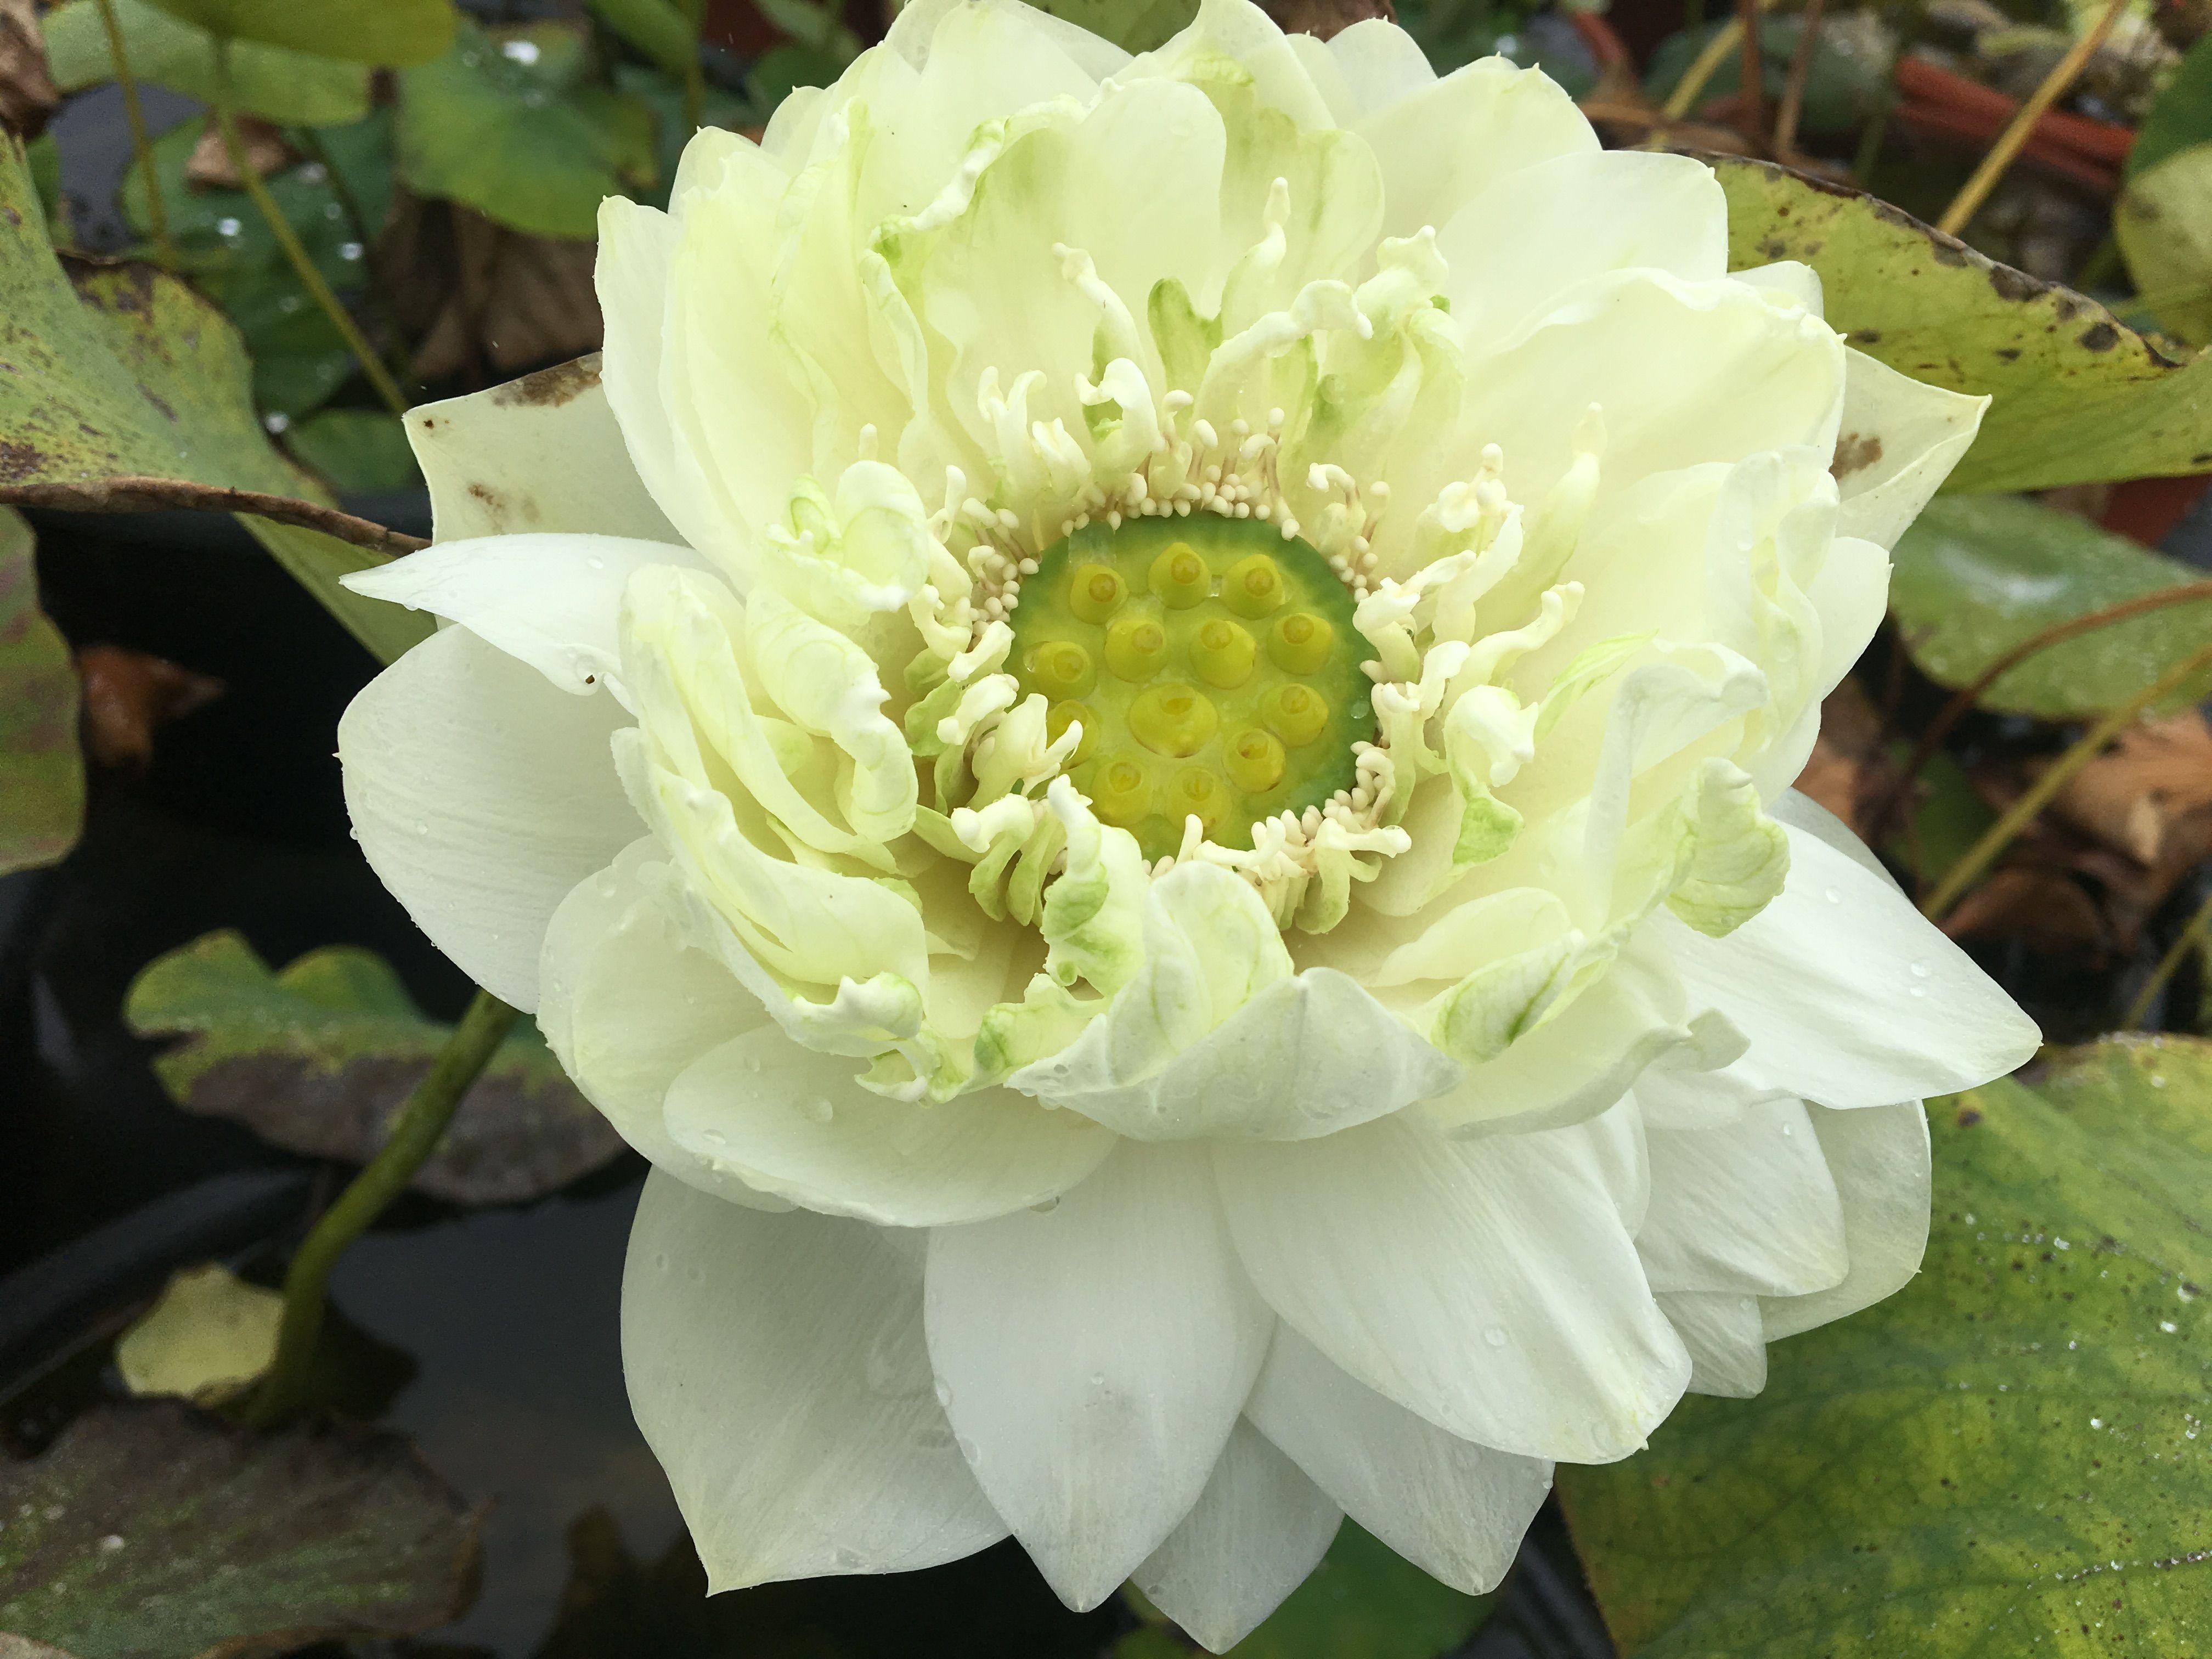 Pin By Lotus Paradise On Bergen Water Gardens Lotus Pinterest